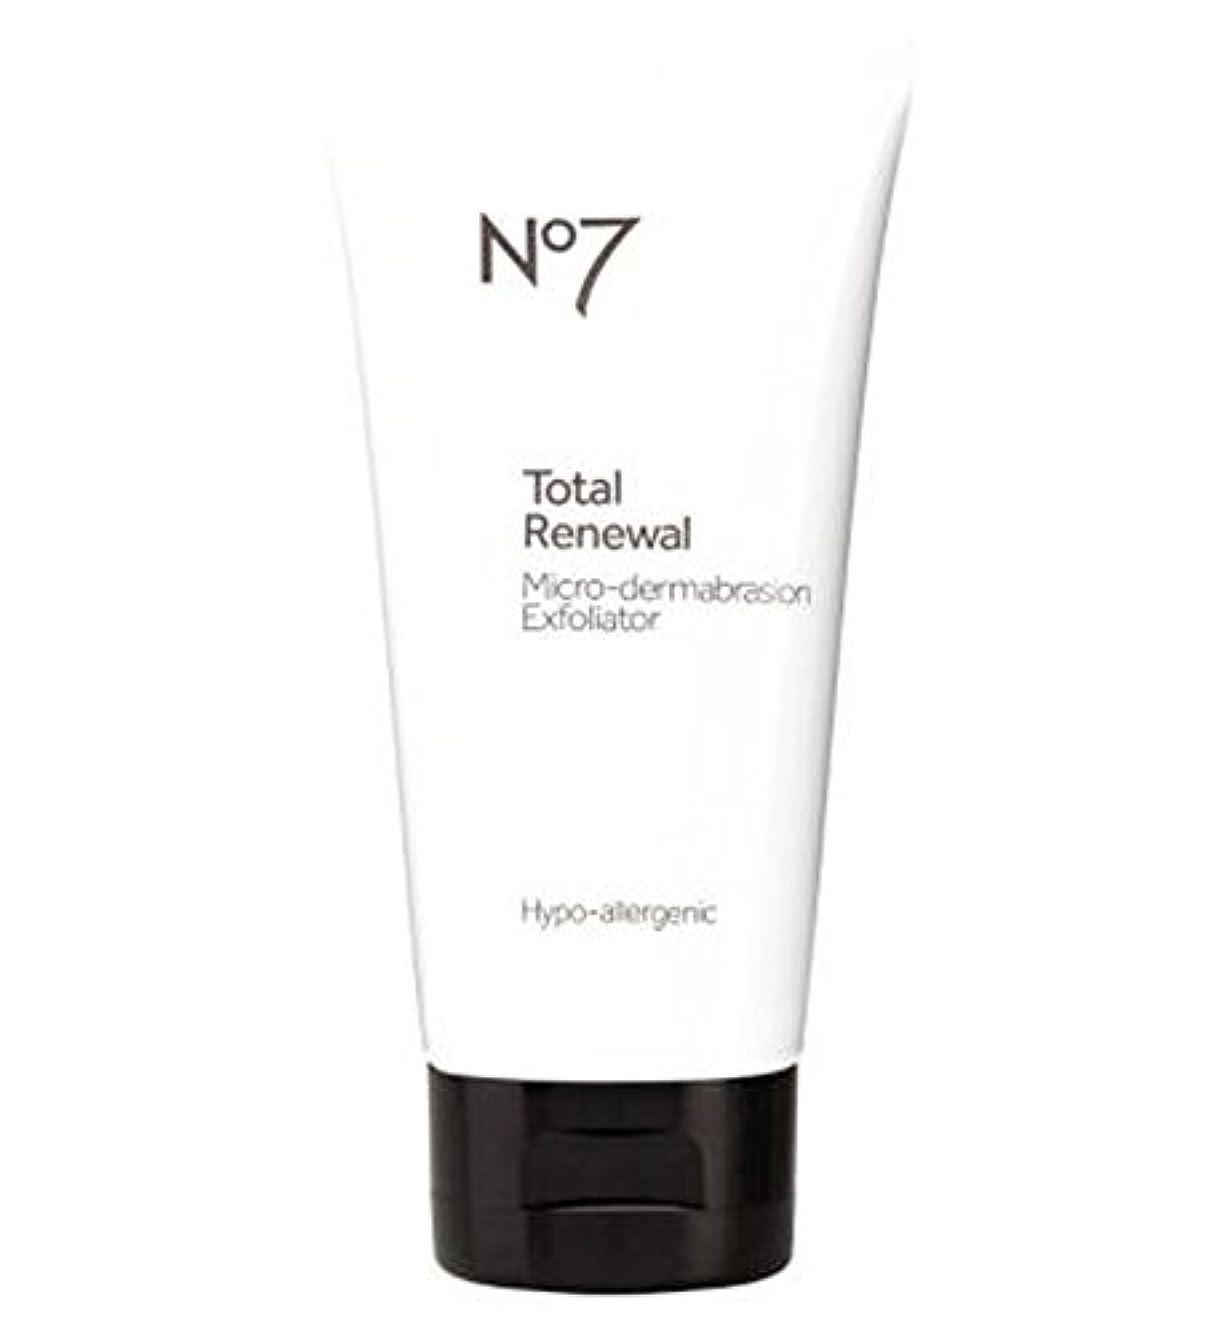 愛国的な突破口発表No7総リニューアルマイクロ皮膚剥離面エクスフォリエーター (No7) (x2) - No7 Total Renewal Micro-dermabrasion Face Exfoliator (Pack of 2) [並行輸入品]